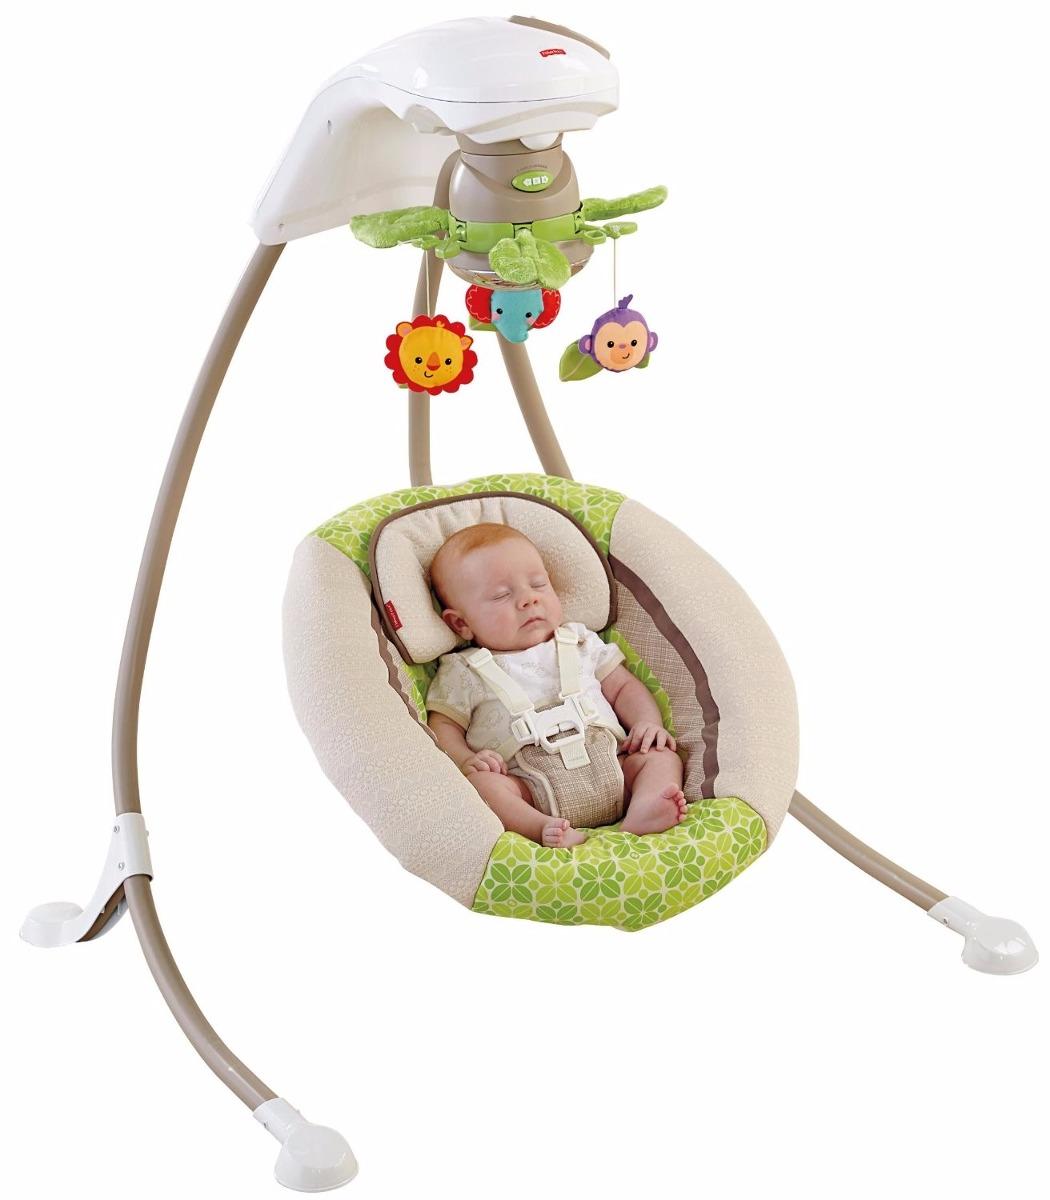 Cadeira balan o bebe fisher price deluxe cradle 39 n swing for Espejo retrovisor bebe fisher price